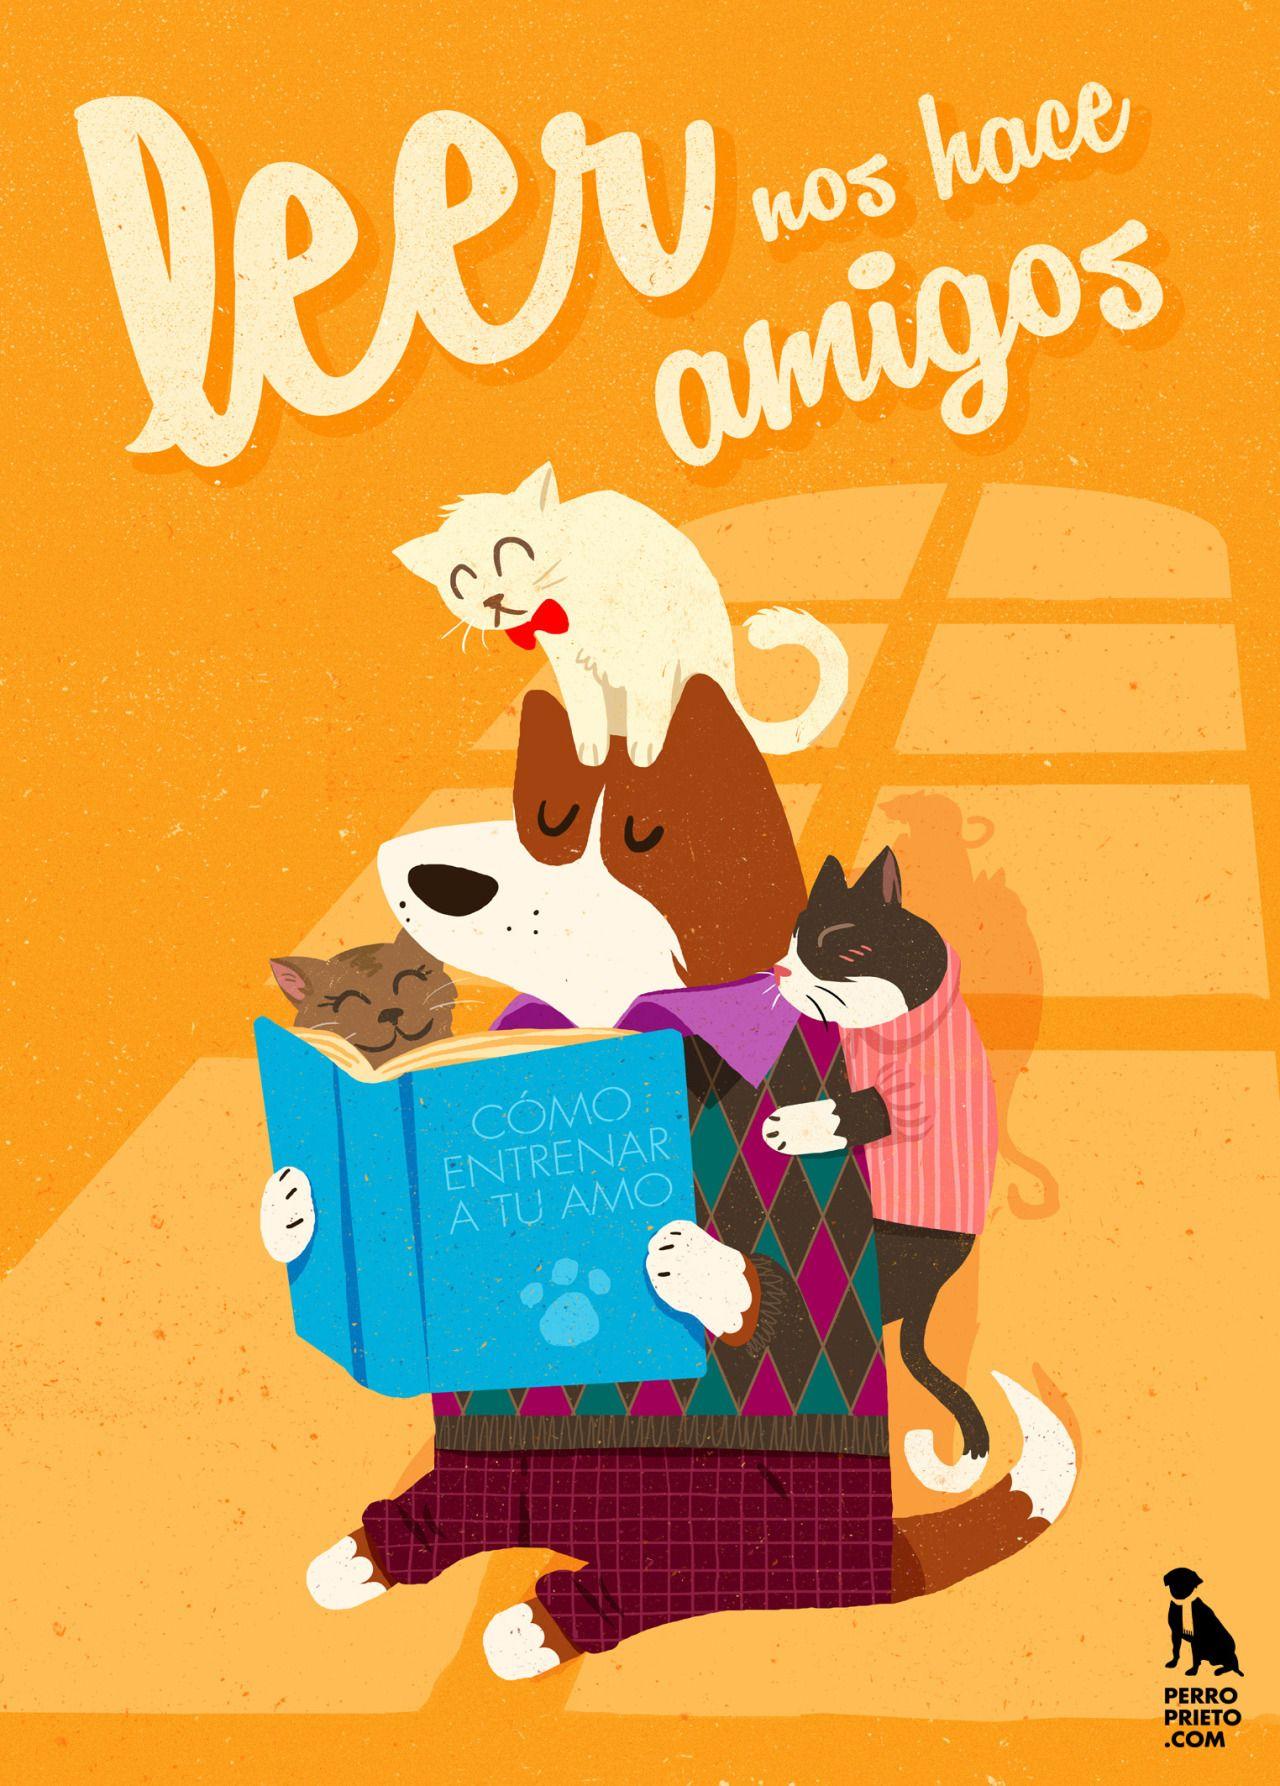 Xxvii Concurso Nacional De Cartel Invitemos A Leer 2015 Mis Propuestas De Cartel Para Fomentar La Carteles De Lectura Maraton De Lectura Feliz Dia Del Libro